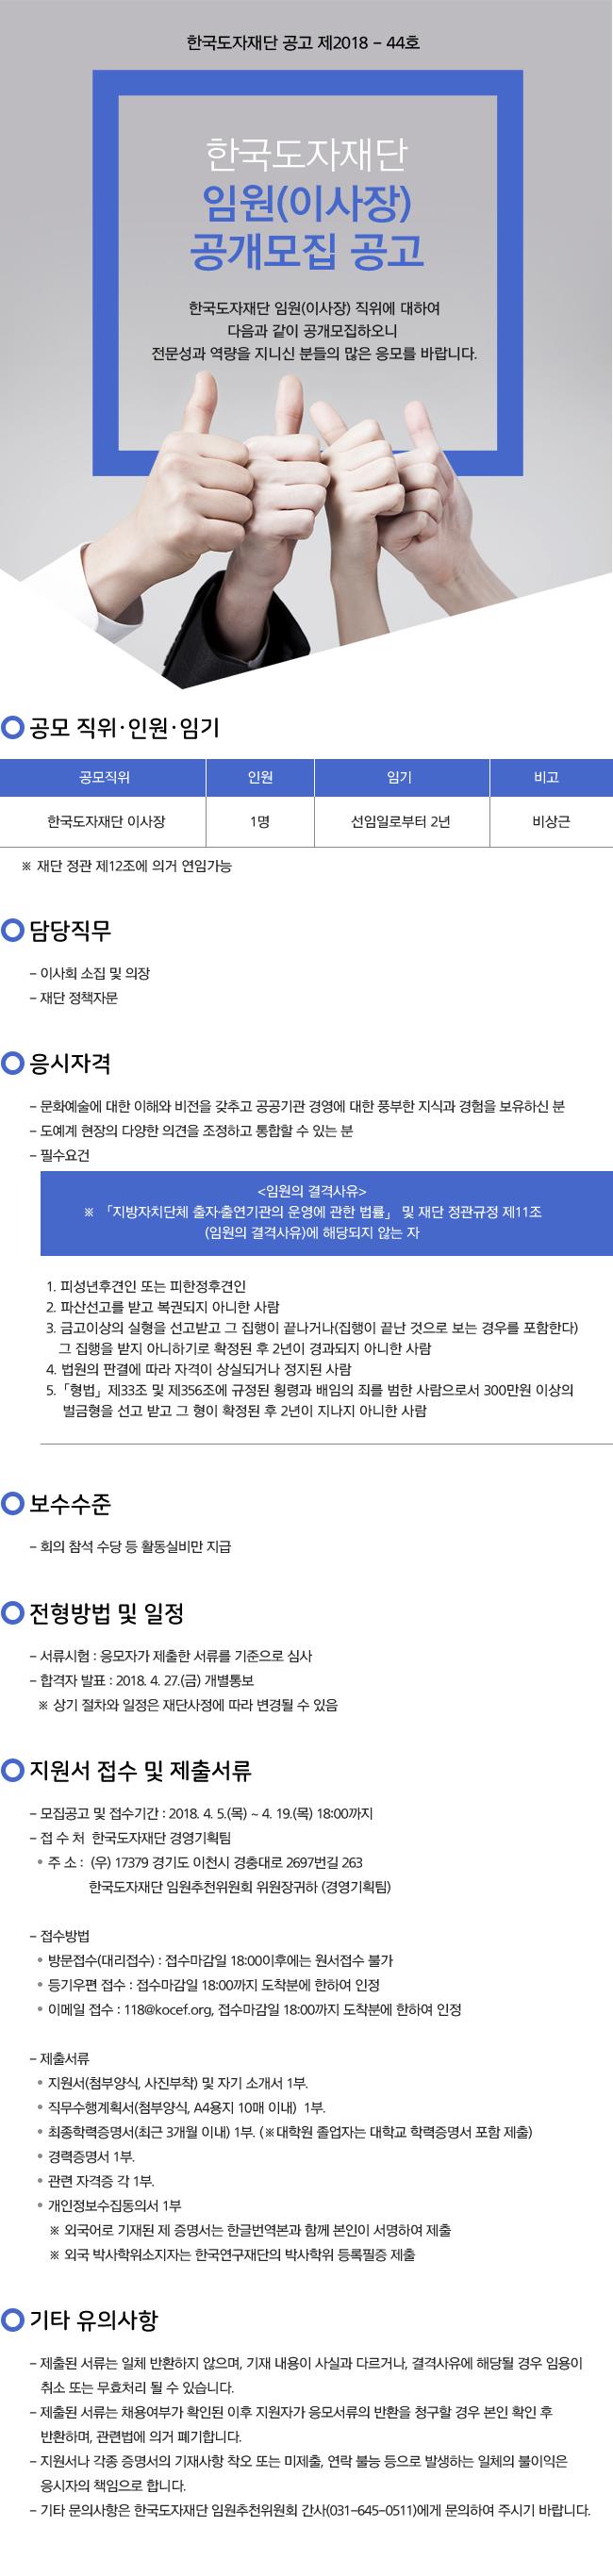 한국도자재단 임원(이사장) 공개모집 공고